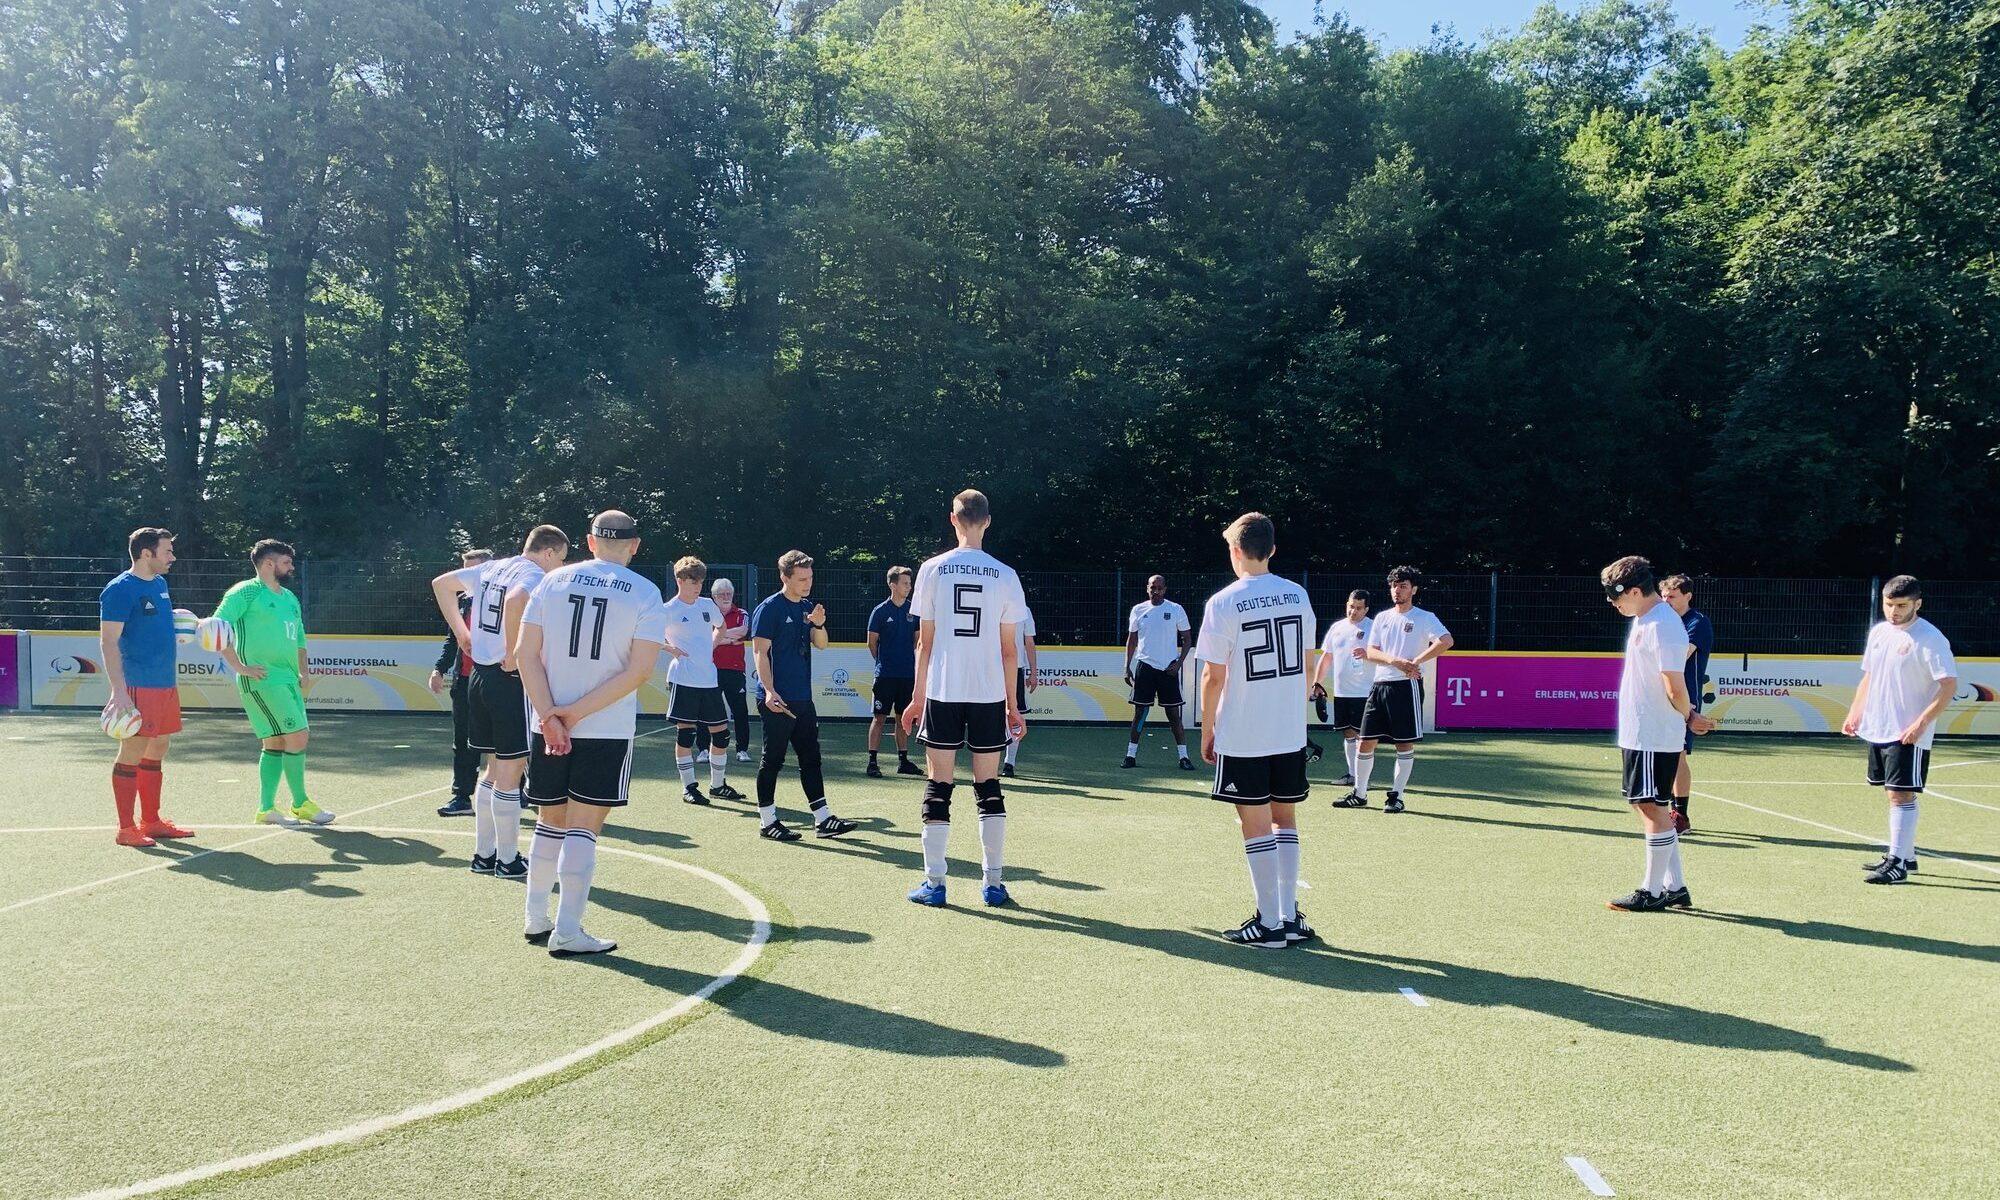 Die deutsche Blindenfußball-Nationalmannschaft bei einem Lehrgang im Jahr 2021. Foto: privat